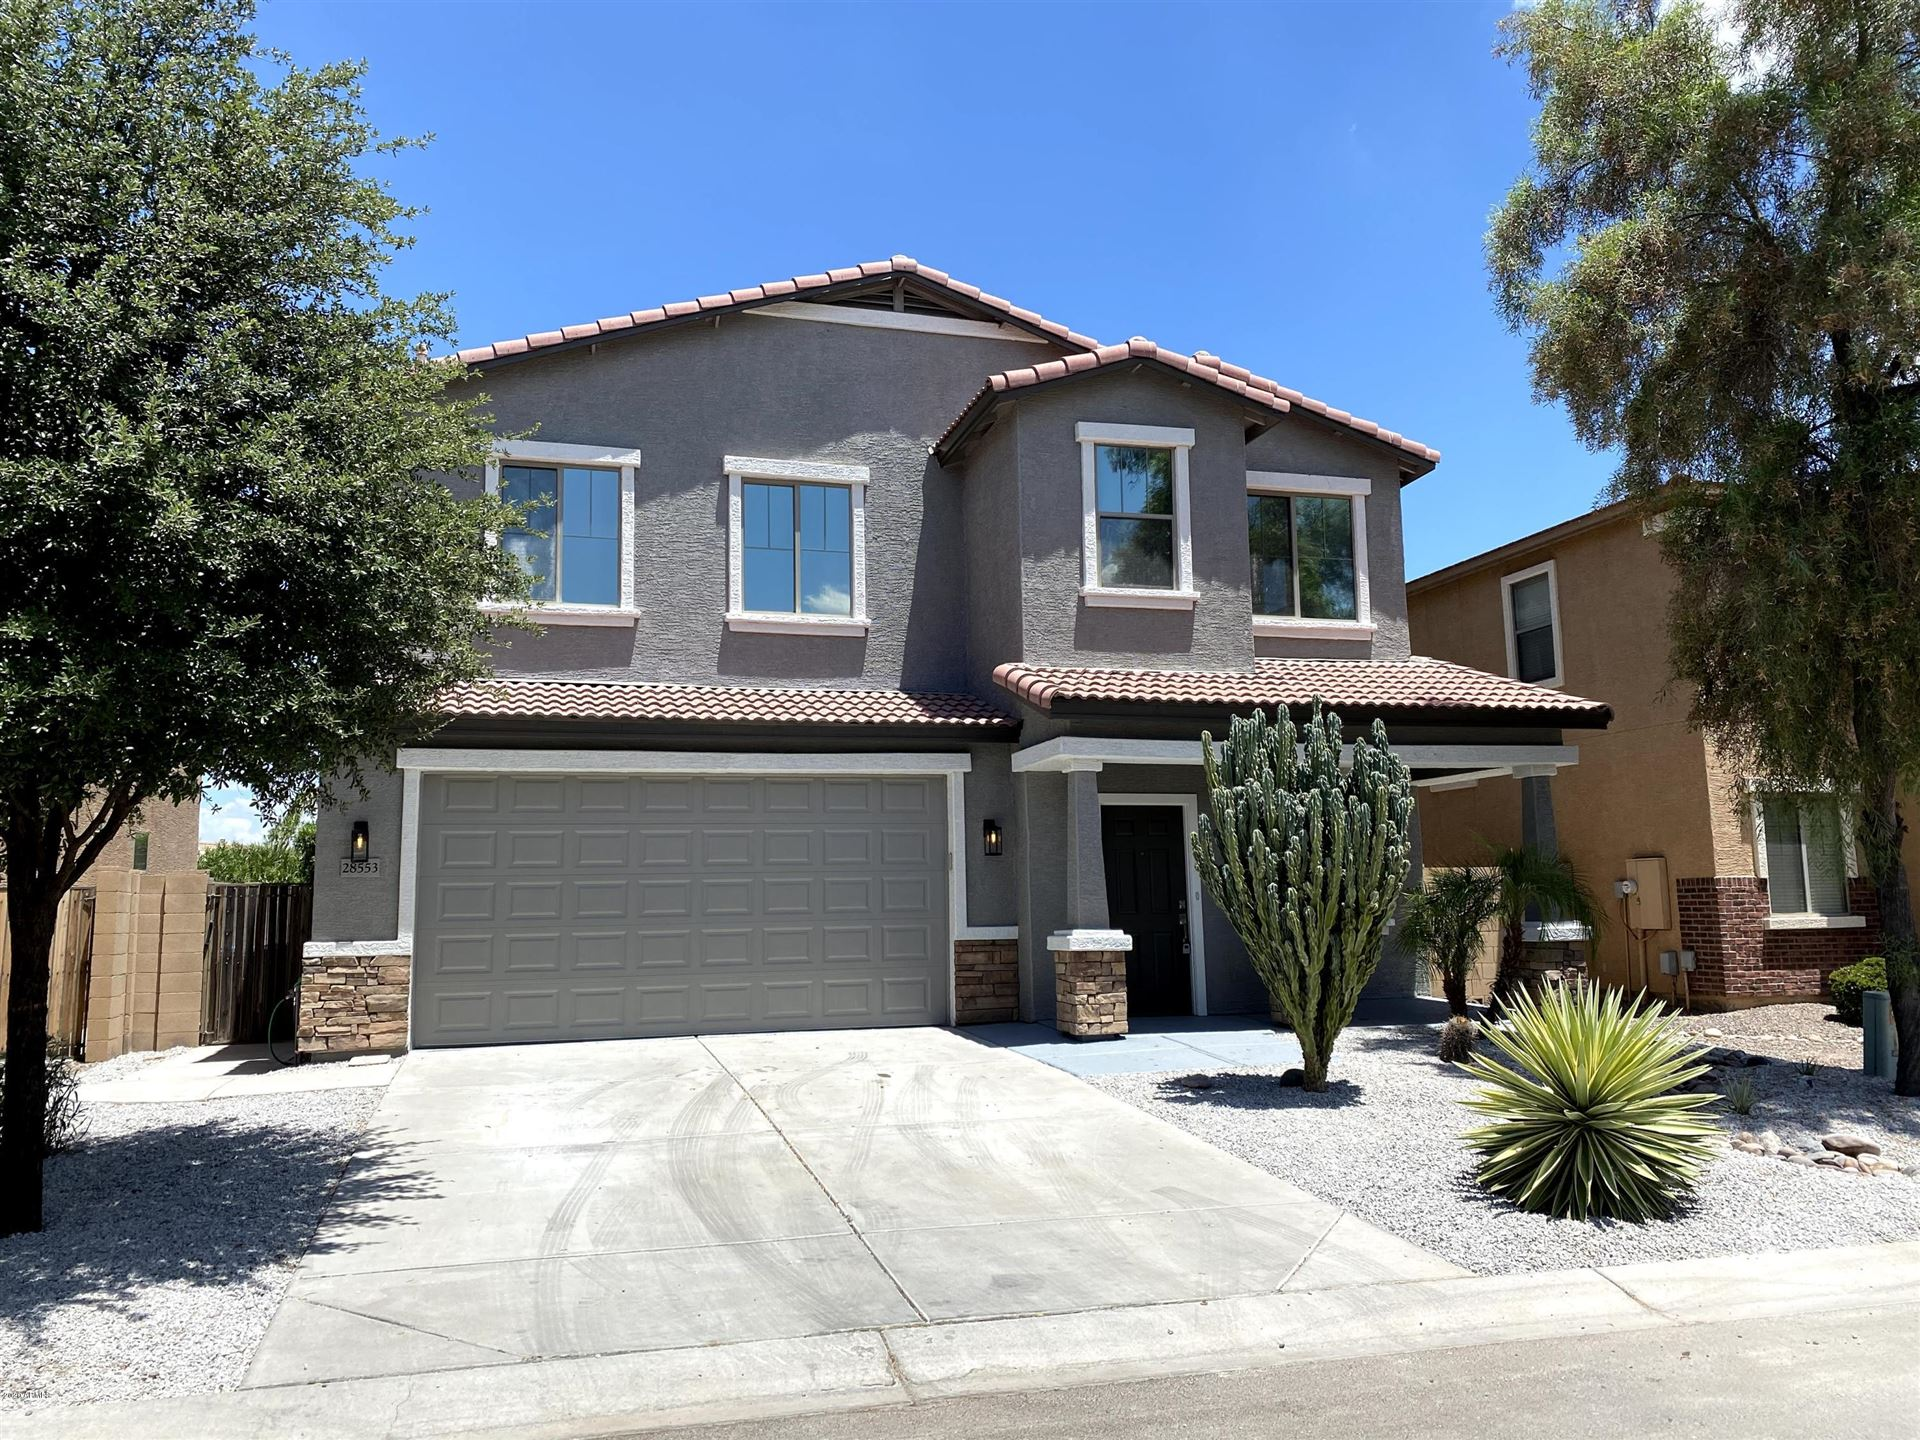 28553 N SUNSET Drive, Queen Creek, AZ 85143 - #: 6099037